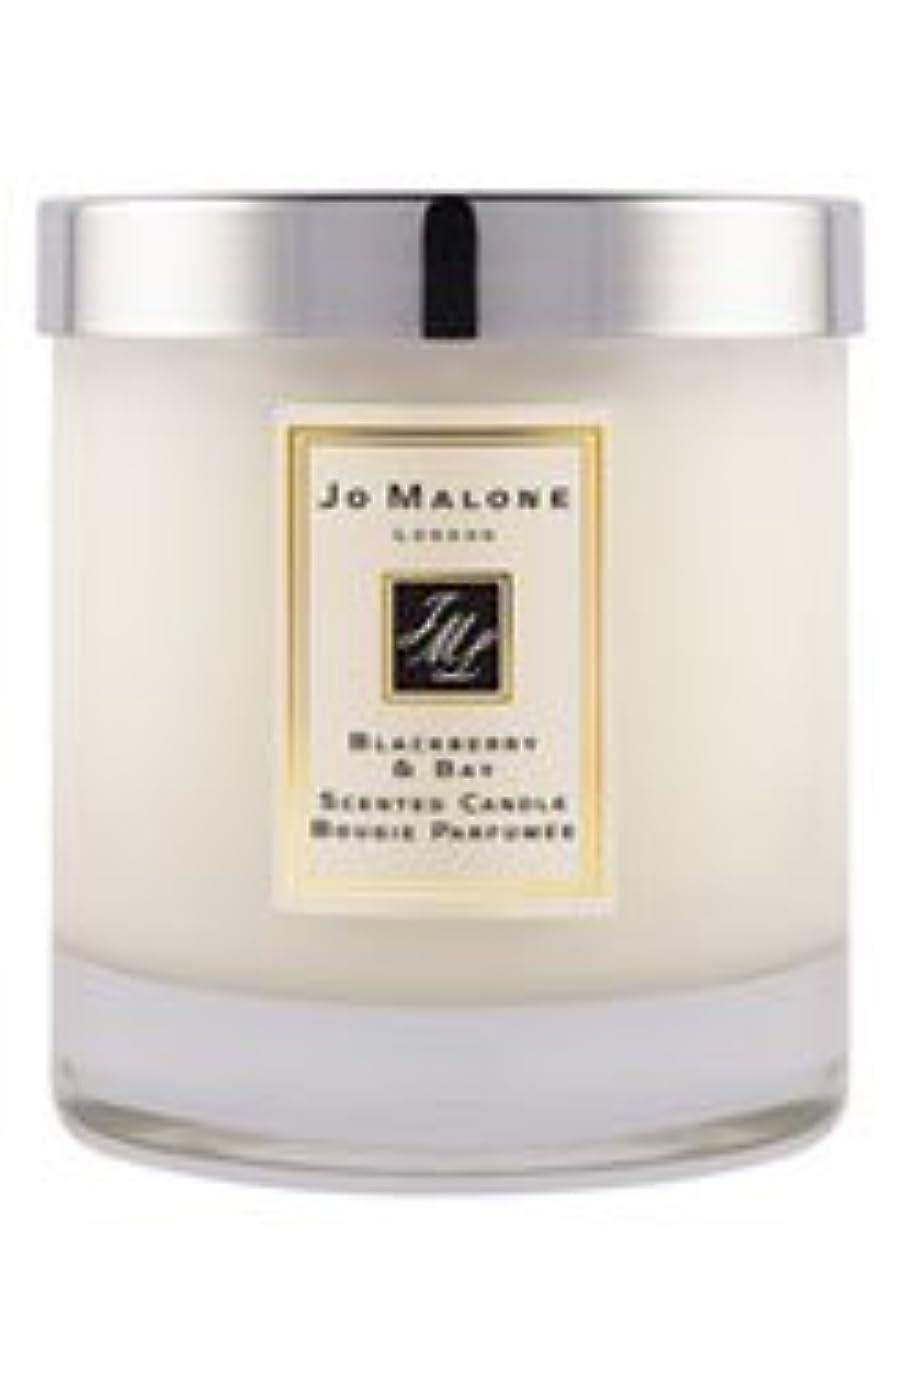 やさしいまた微視的ジョーマローン 'ブラックベリー&ベイ' 7.0 oz (210ml) ホームキャンドル (香りつき)